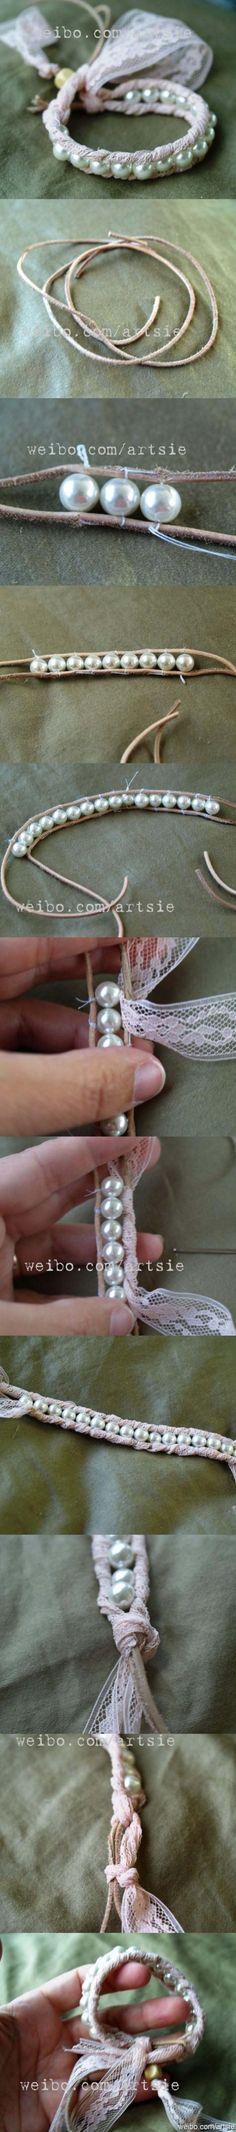 Lace Bead Bracelet Tutorial Love it! Must try! #ecrafty